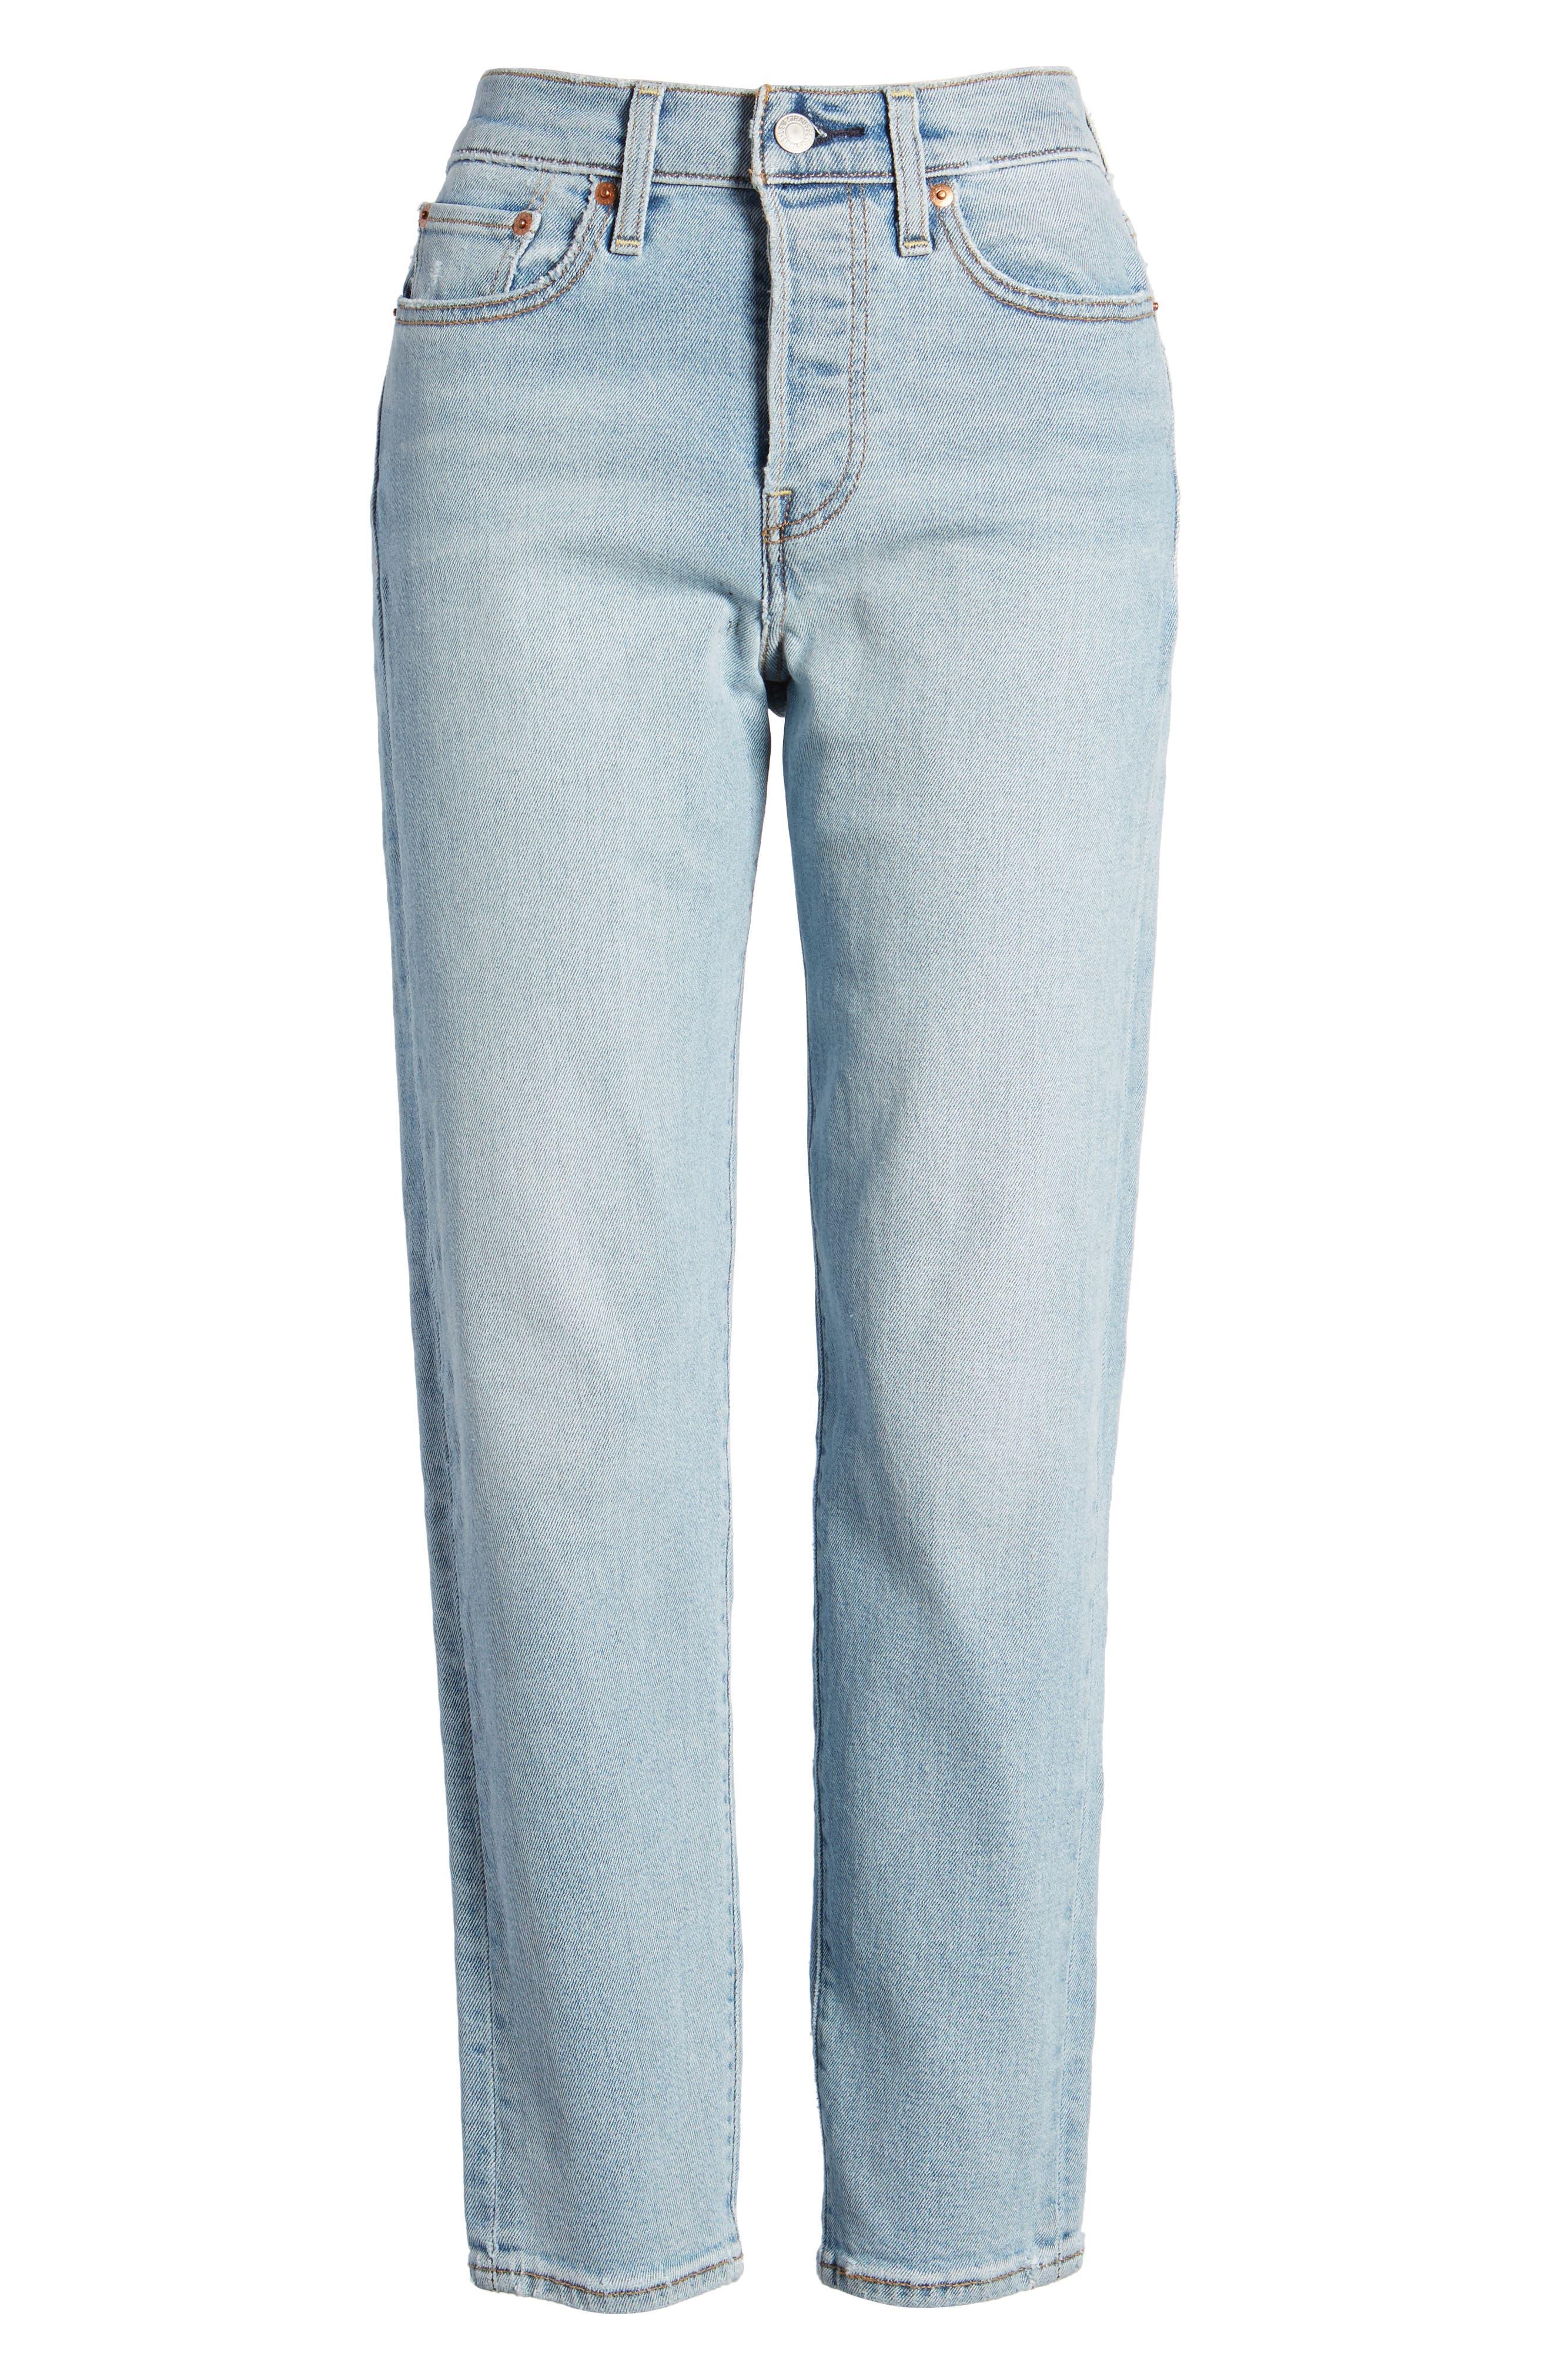 Wedgie Icon Fit High Waist Crop Jeans,                             Alternate thumbnail 7, color,                             Bauhaus Blues